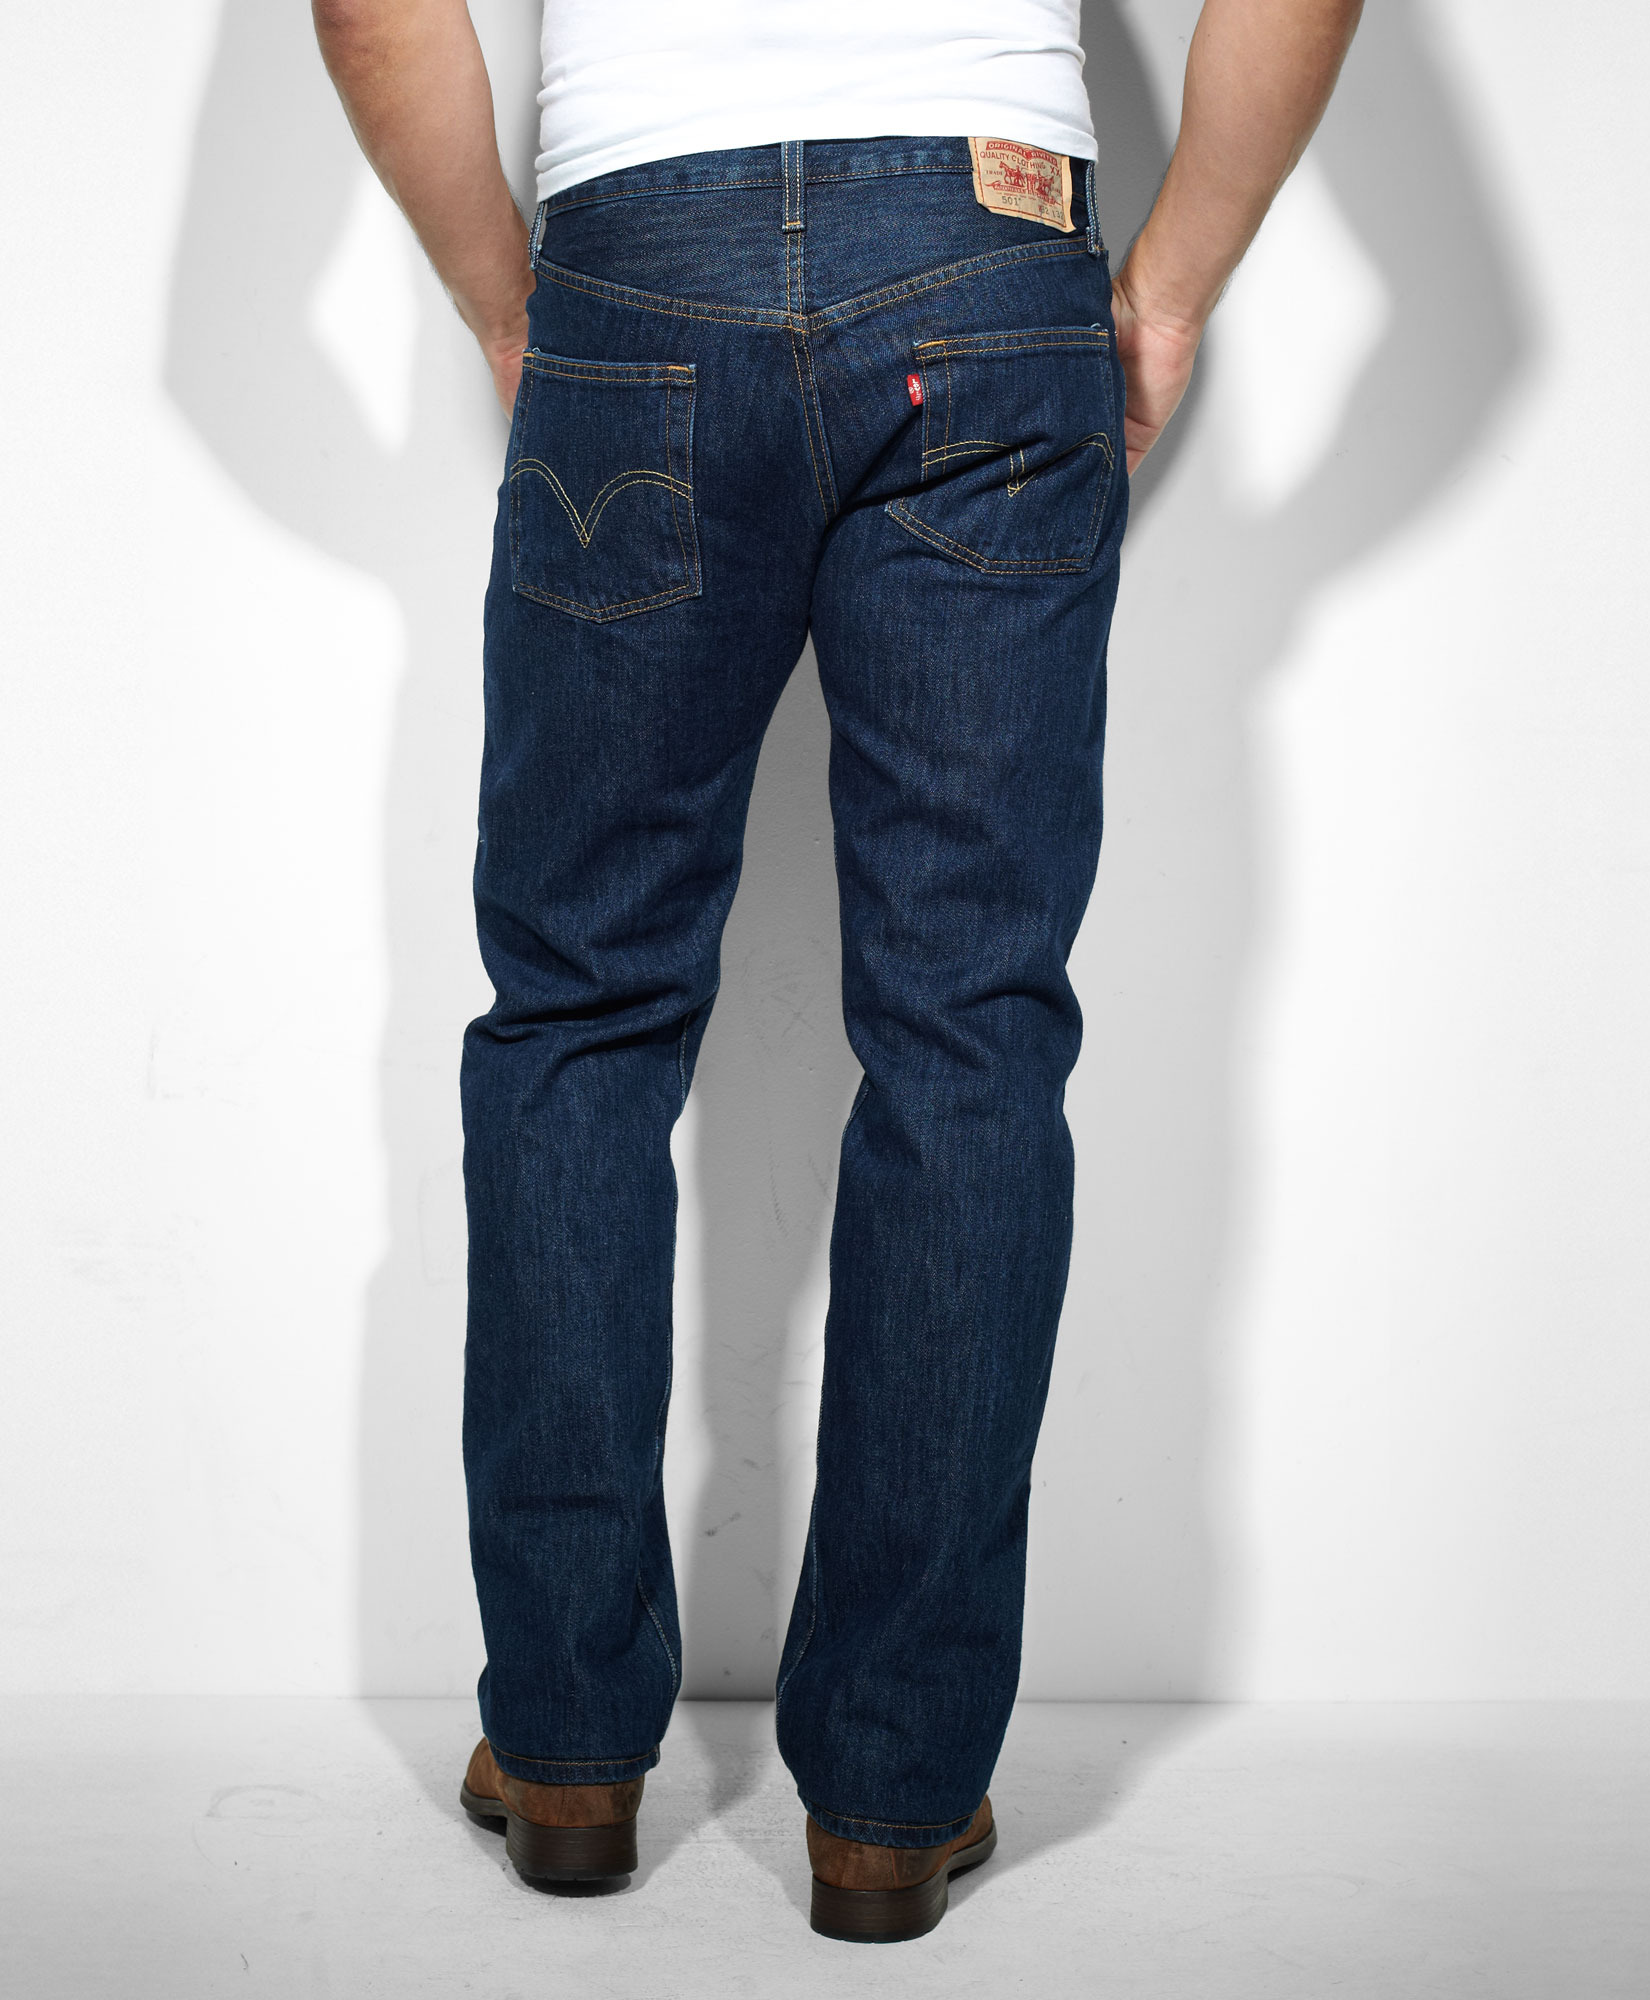 Левис страус купить джинс